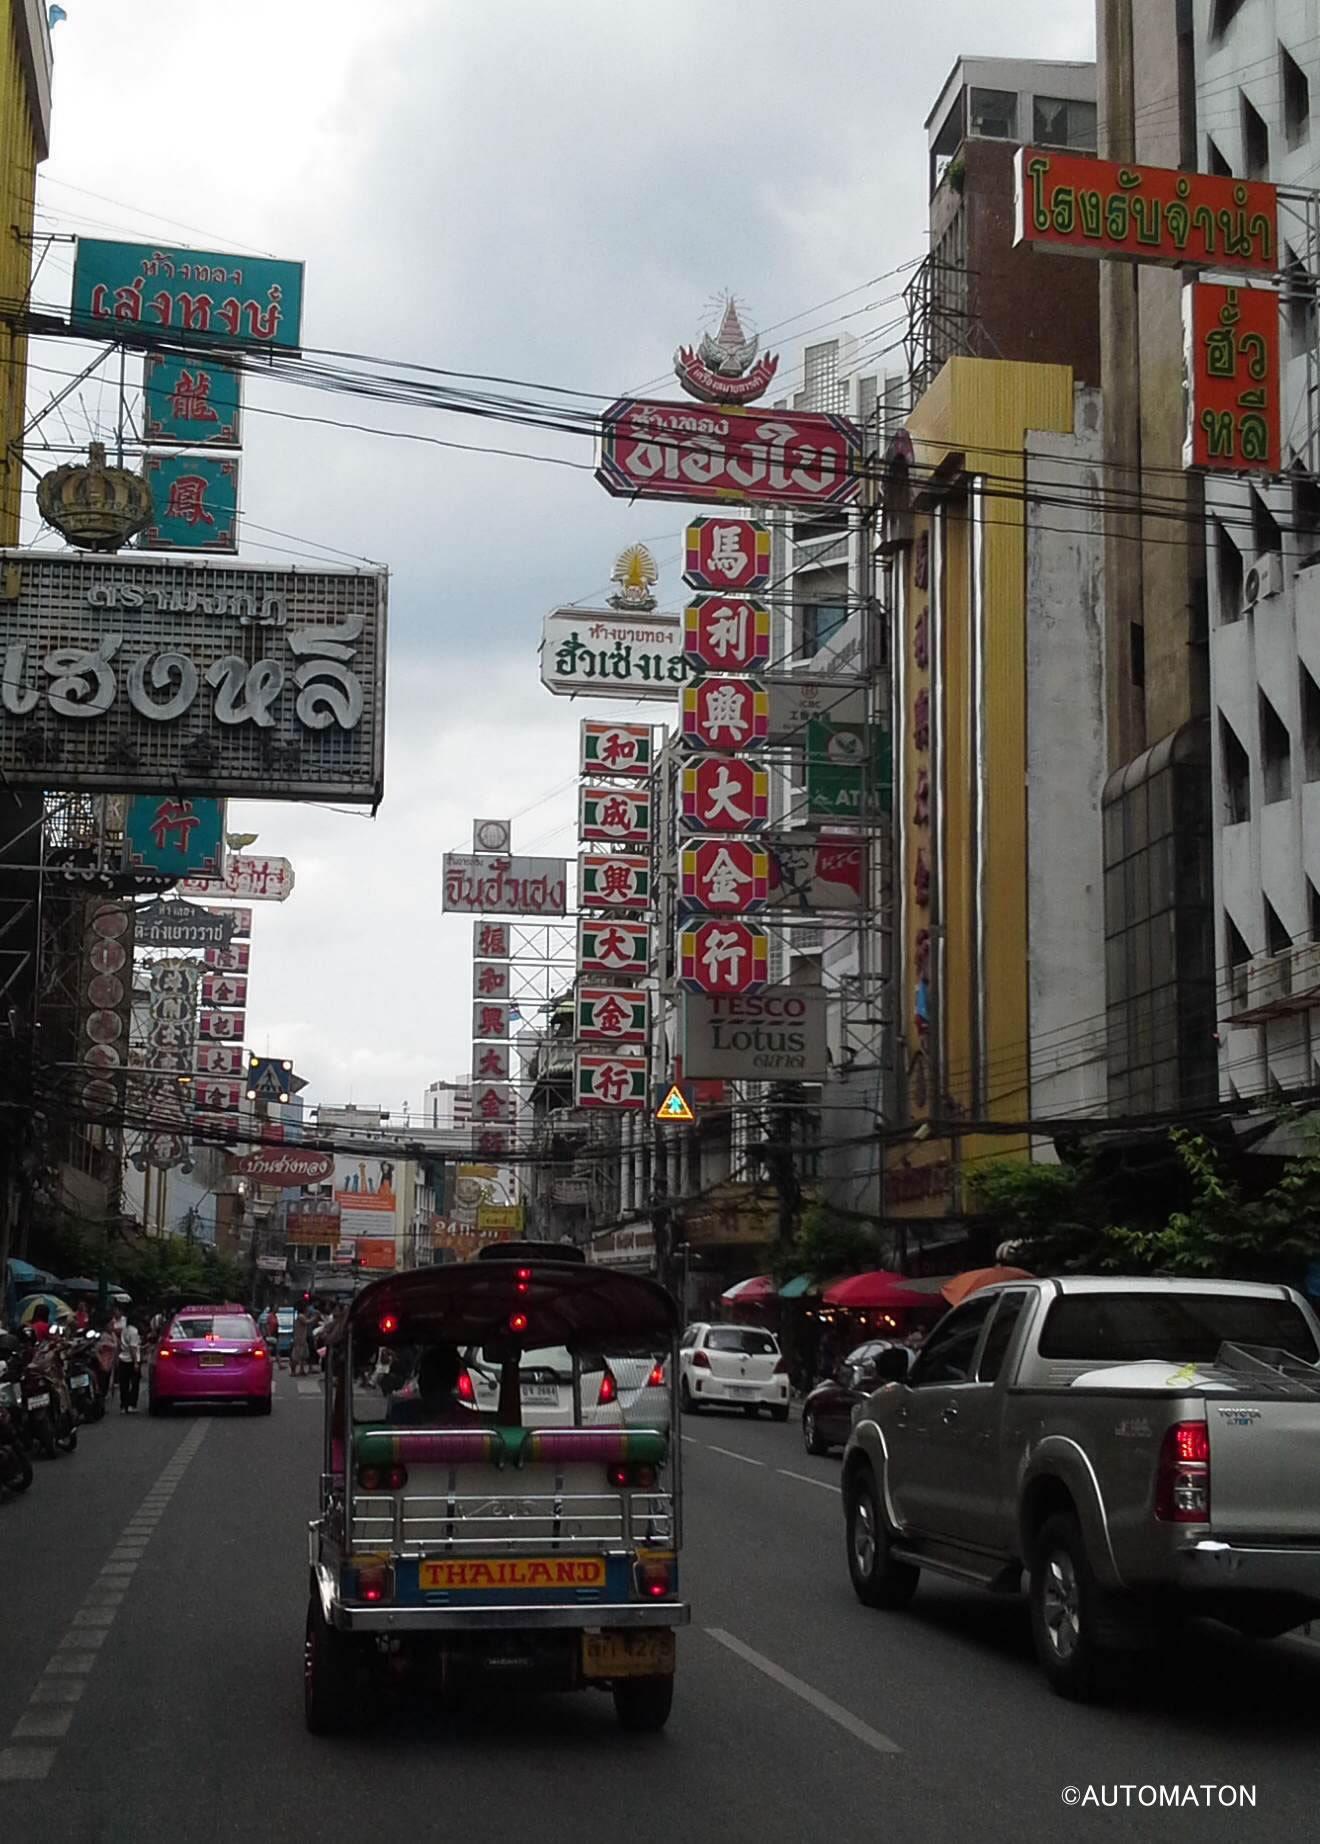 ヤワラー通り。空を埋め尽くすネオン看板が中華街であることを強烈に印象づける